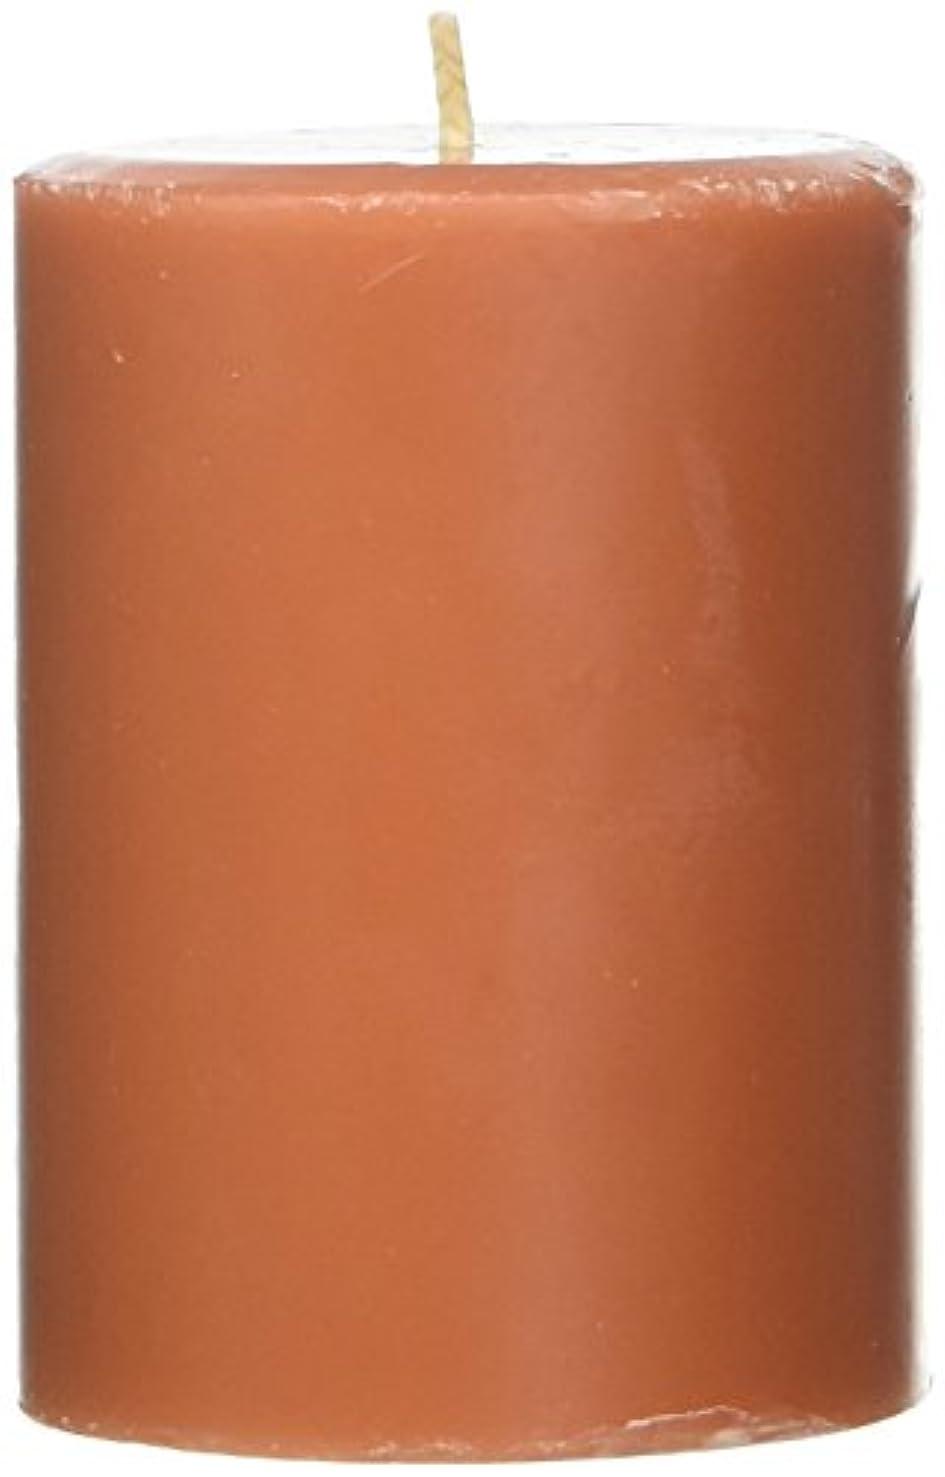 民兵ラッチメーターNorthern Lights Candles Roasted Pumpkin FragranceパレットPillar Candle、3 x 4